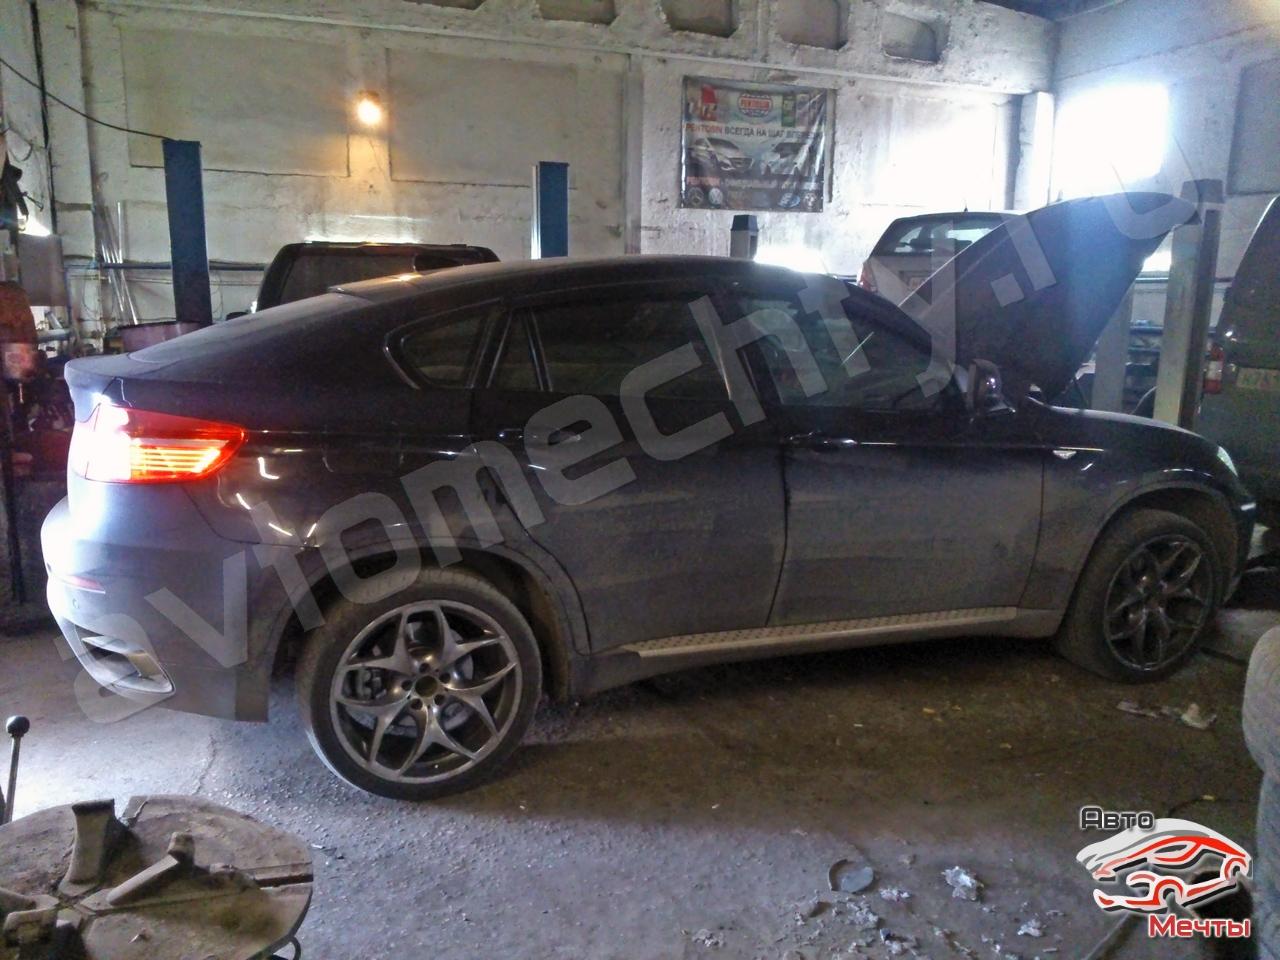 Чип-тюнинг BMW X5, отключение контроля катализаторов, вторых лямбда-зондов, увеличение мощности Stage-1